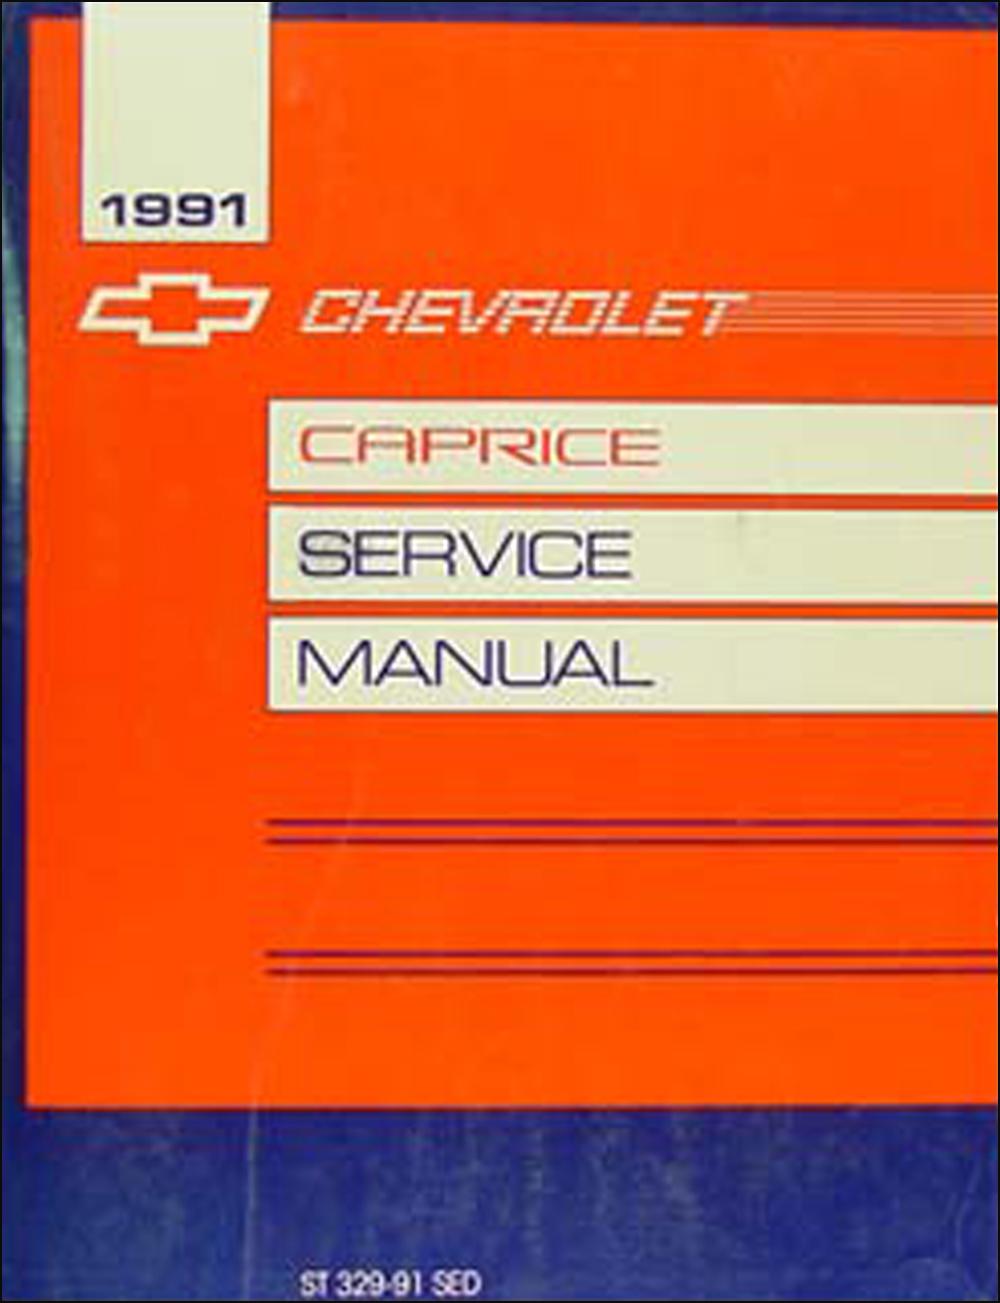 1991 chevy caprice sedan repair shop manual original rh faxonautoliterature com 2011 chevrolet caprice owners manual 1994 chevrolet caprice service manual